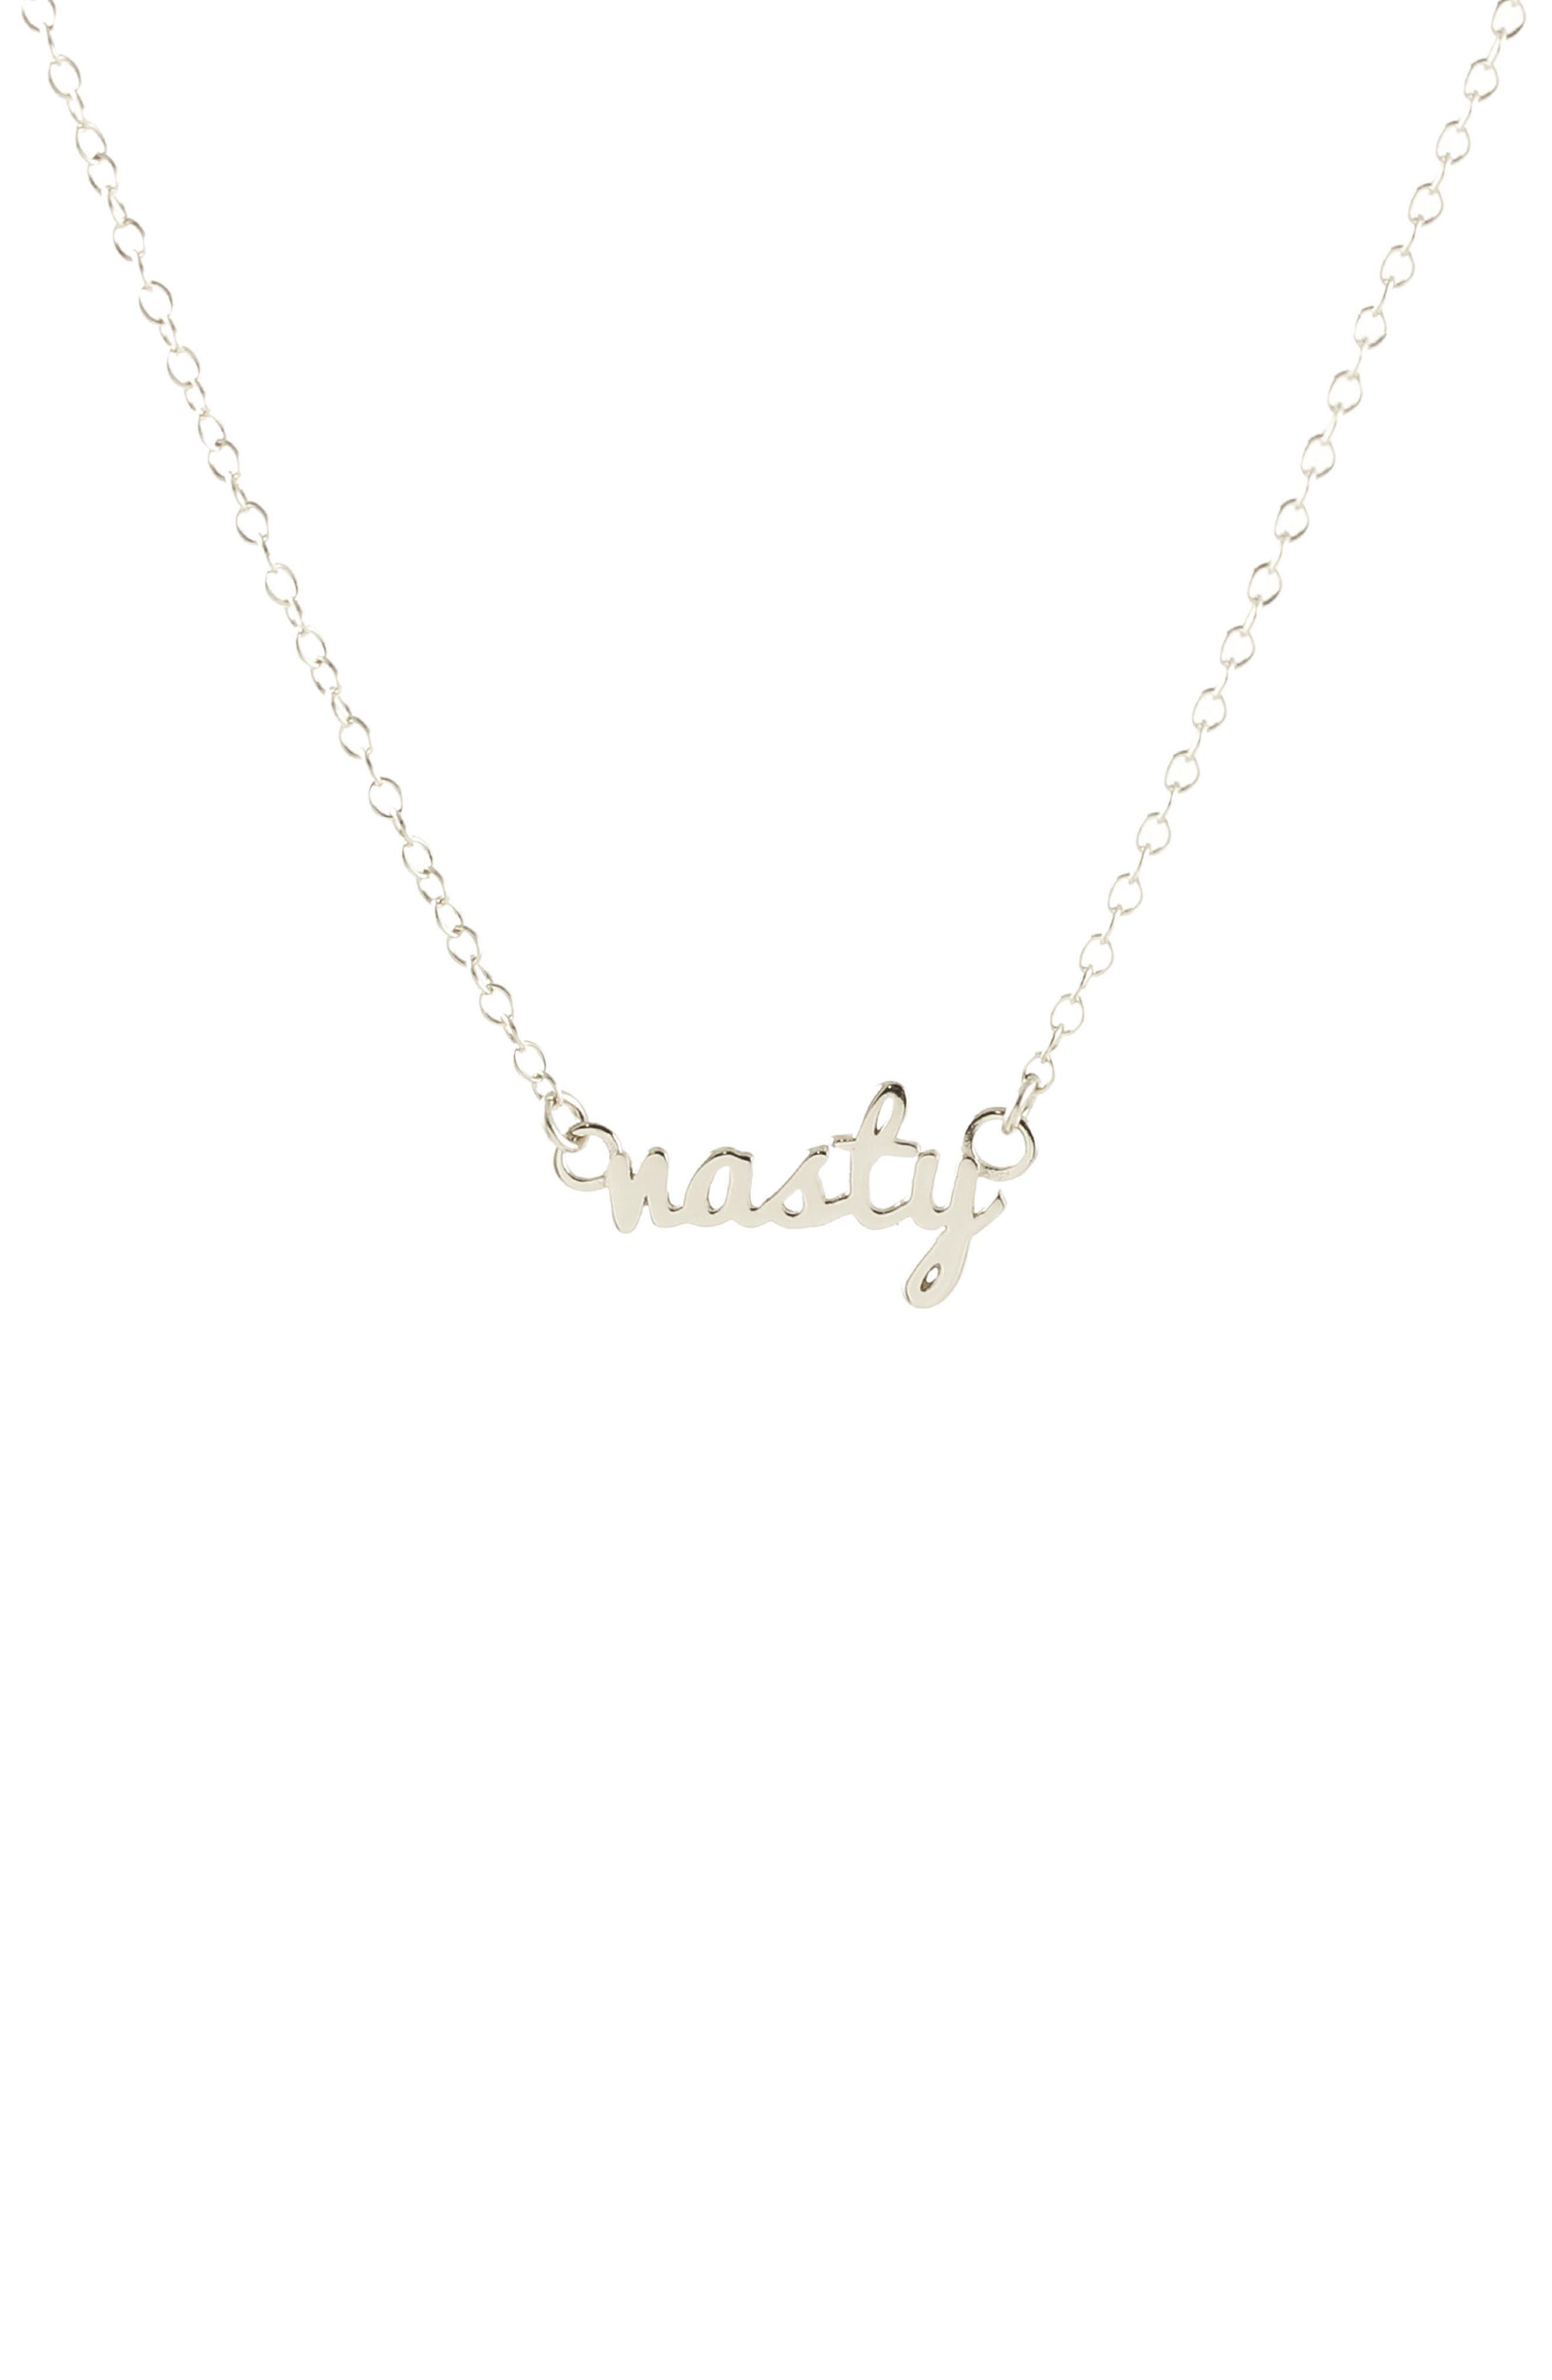 Nasty Script Necklace,                         Main,                         color, SILVER